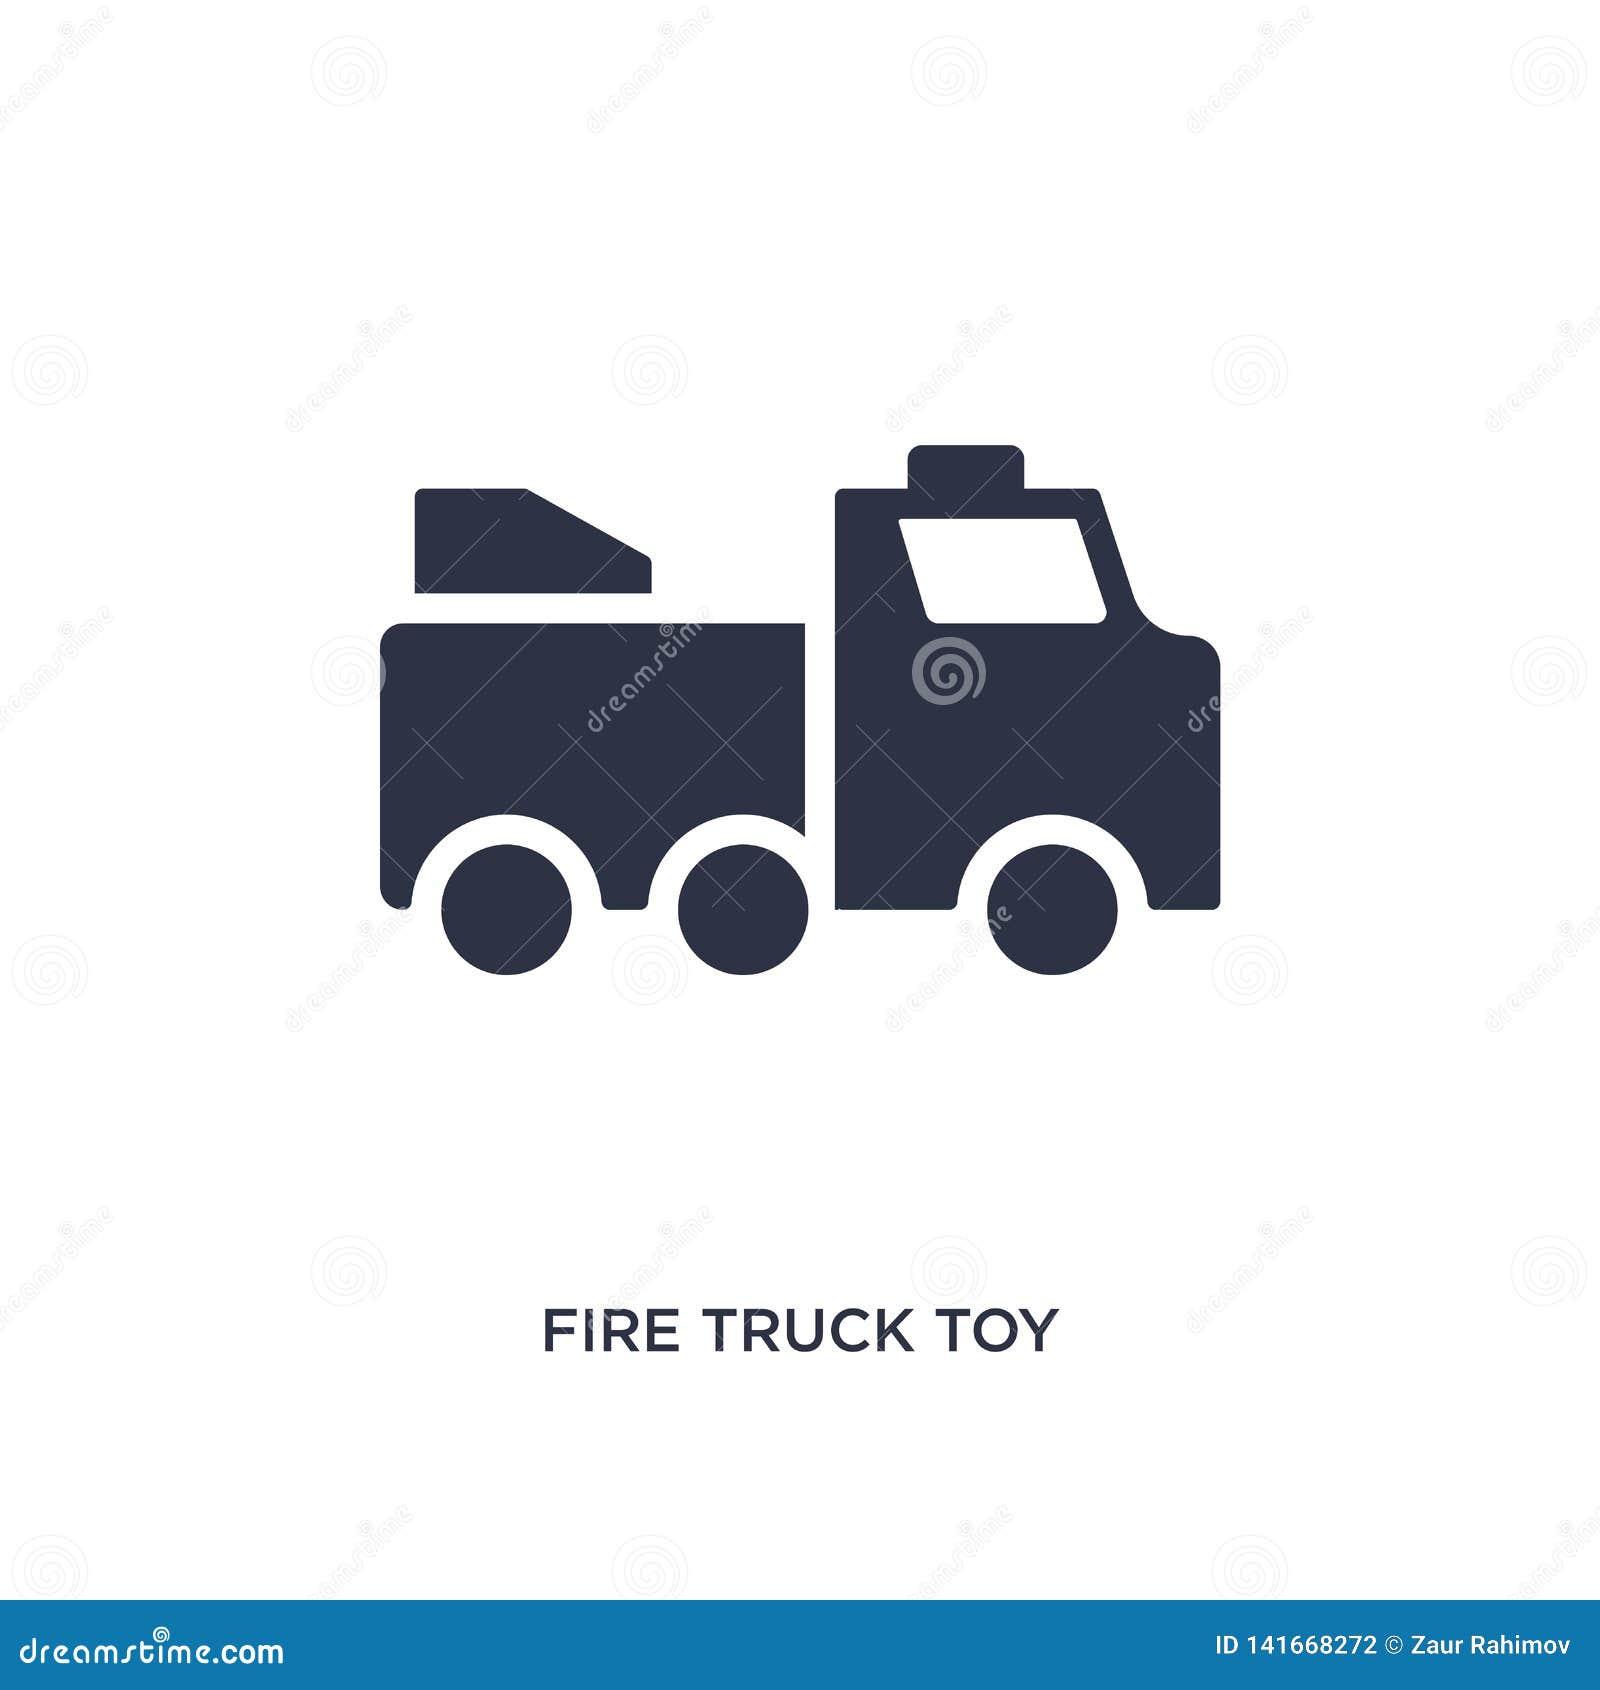 εικονίδιο παιχνιδιών πυροσβεστικών οχημάτων στο άσπρο υπόβαθρο Απλή απεικόνιση στοιχείων από την έννοια παιχνιδιών